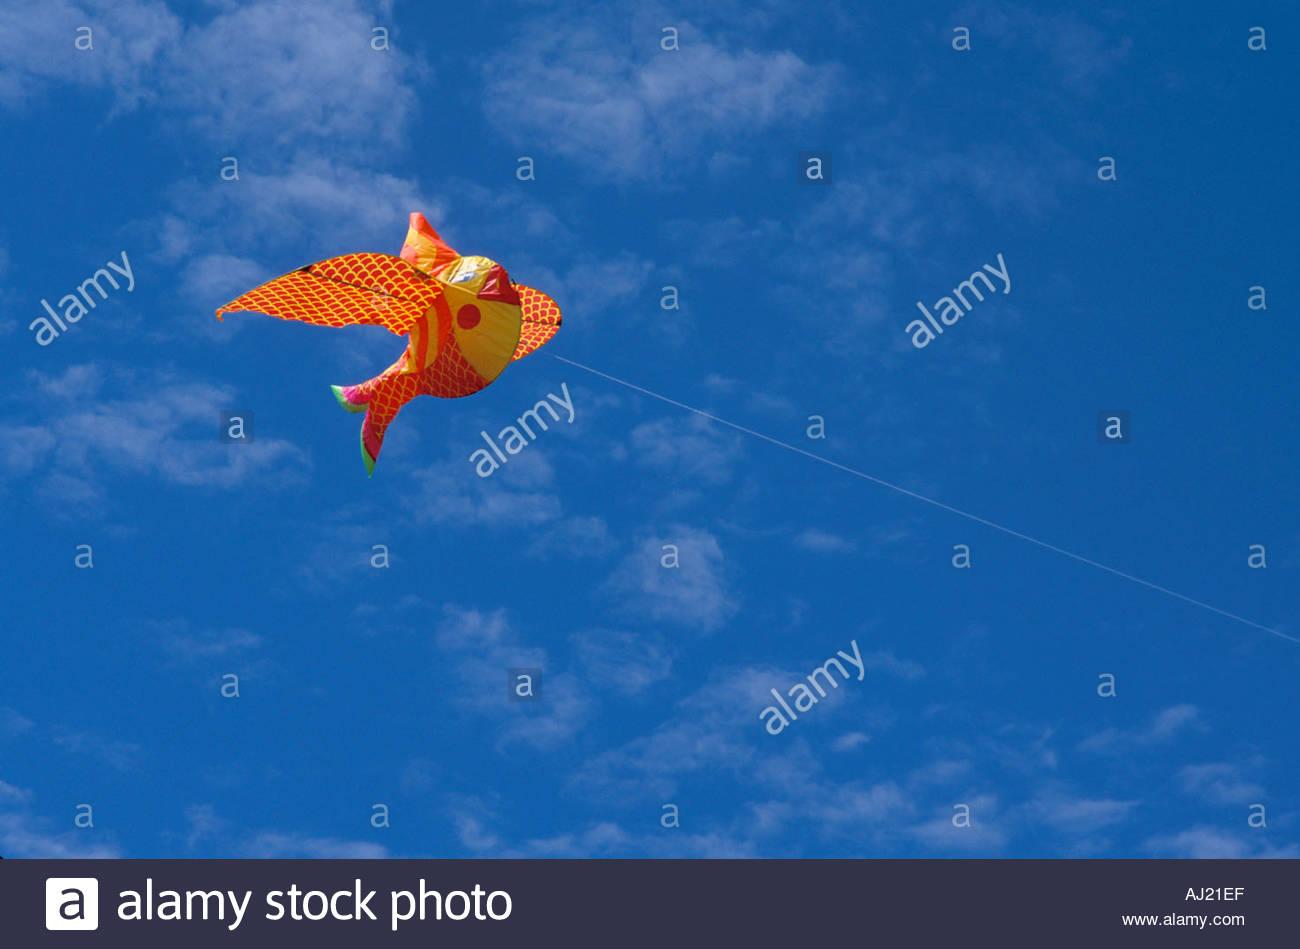 funny fish kite in the sky - Stock Image